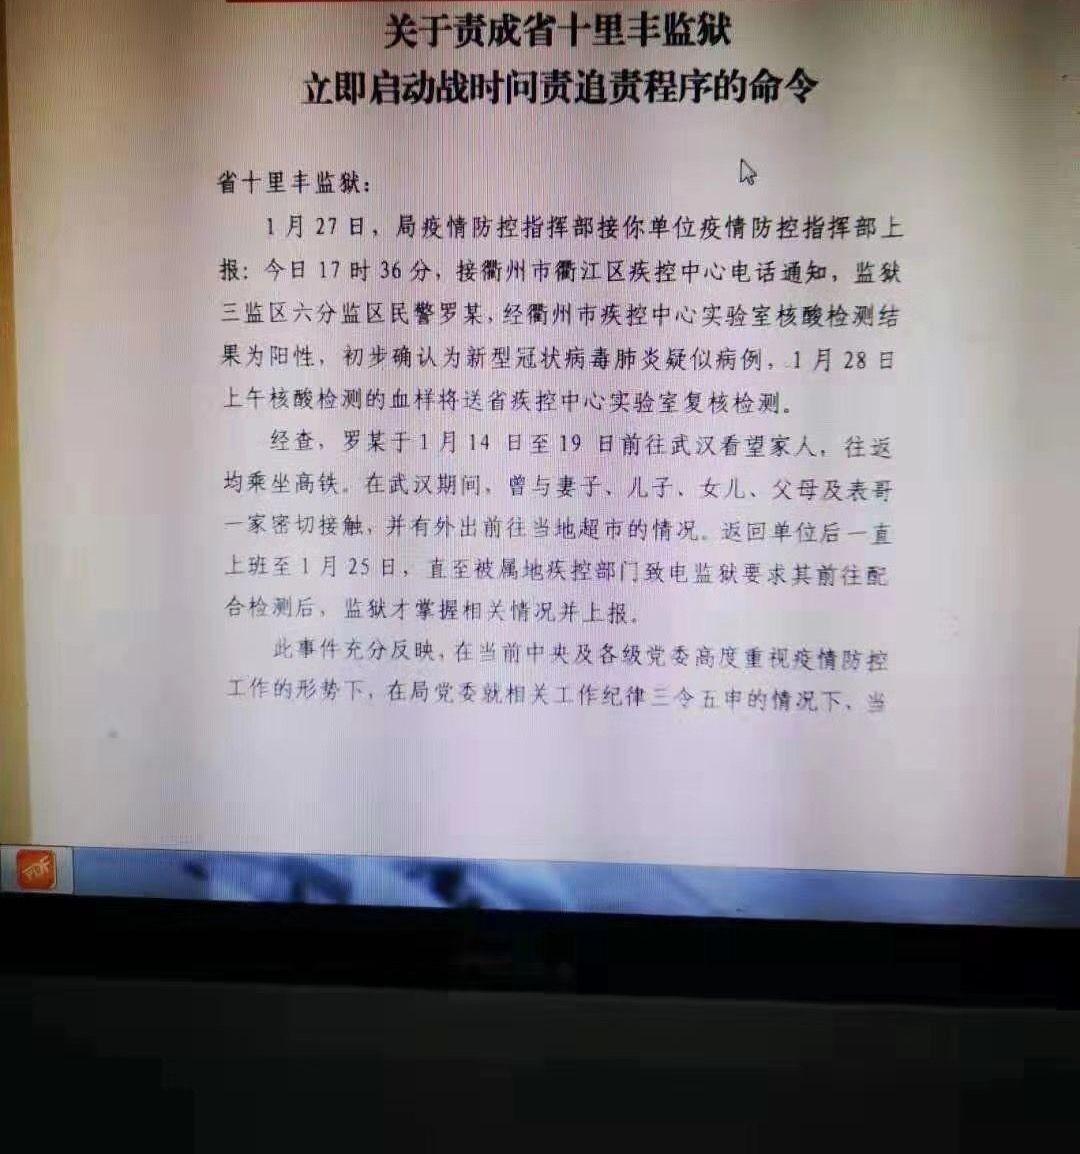 衢州市人口_浙江事业单位招聘:2020浙江衢州市大数据发展管理局选调事业单位